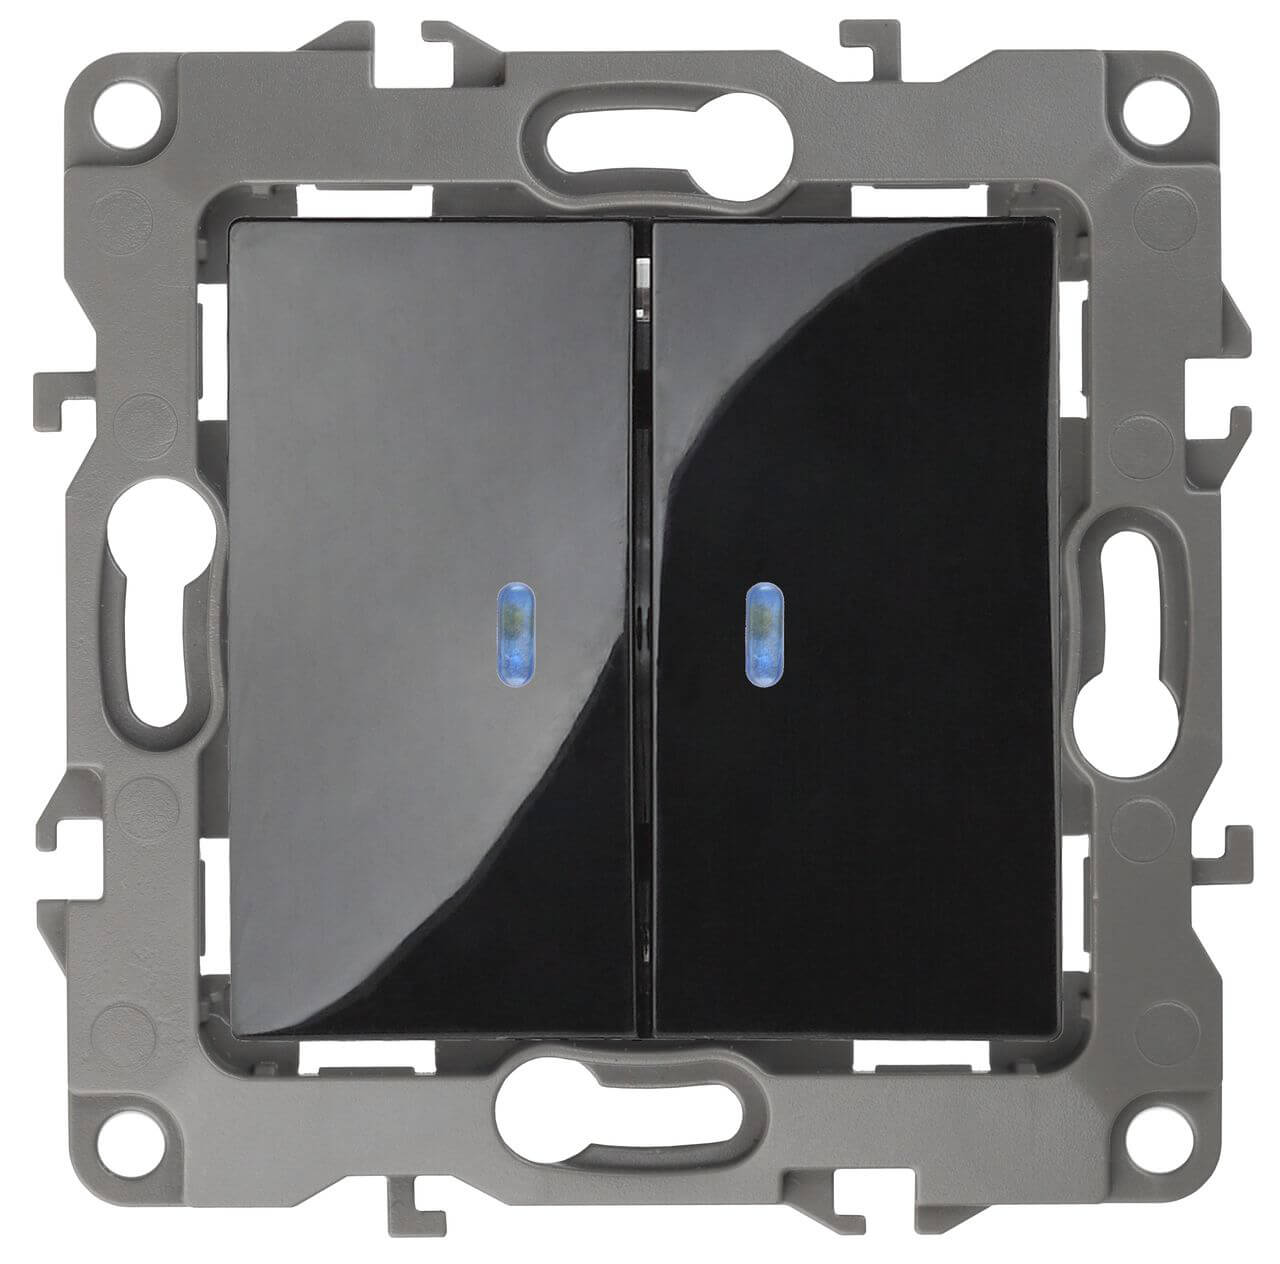 Выключатель двухклавишный с подсветкой ЭРА 12 10AX 250V 12-1105-06 цены